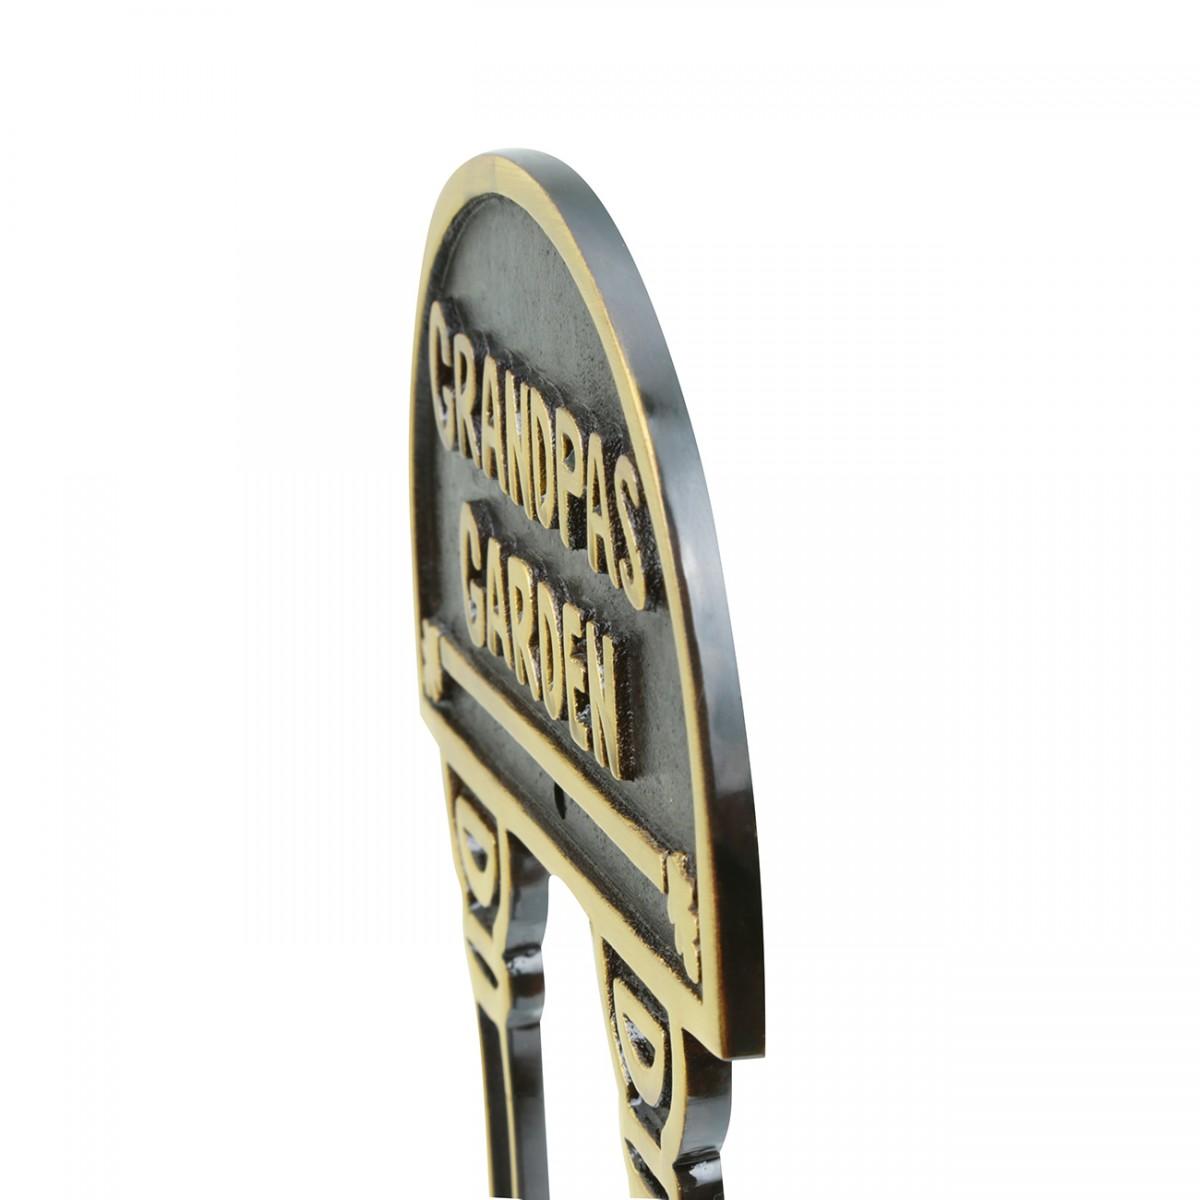 Solid Brass Plate Garden Sign GRANDPAS GARDEN Brass Plaques Brass Sign Plate Brass Plaque Antique Brass Sign